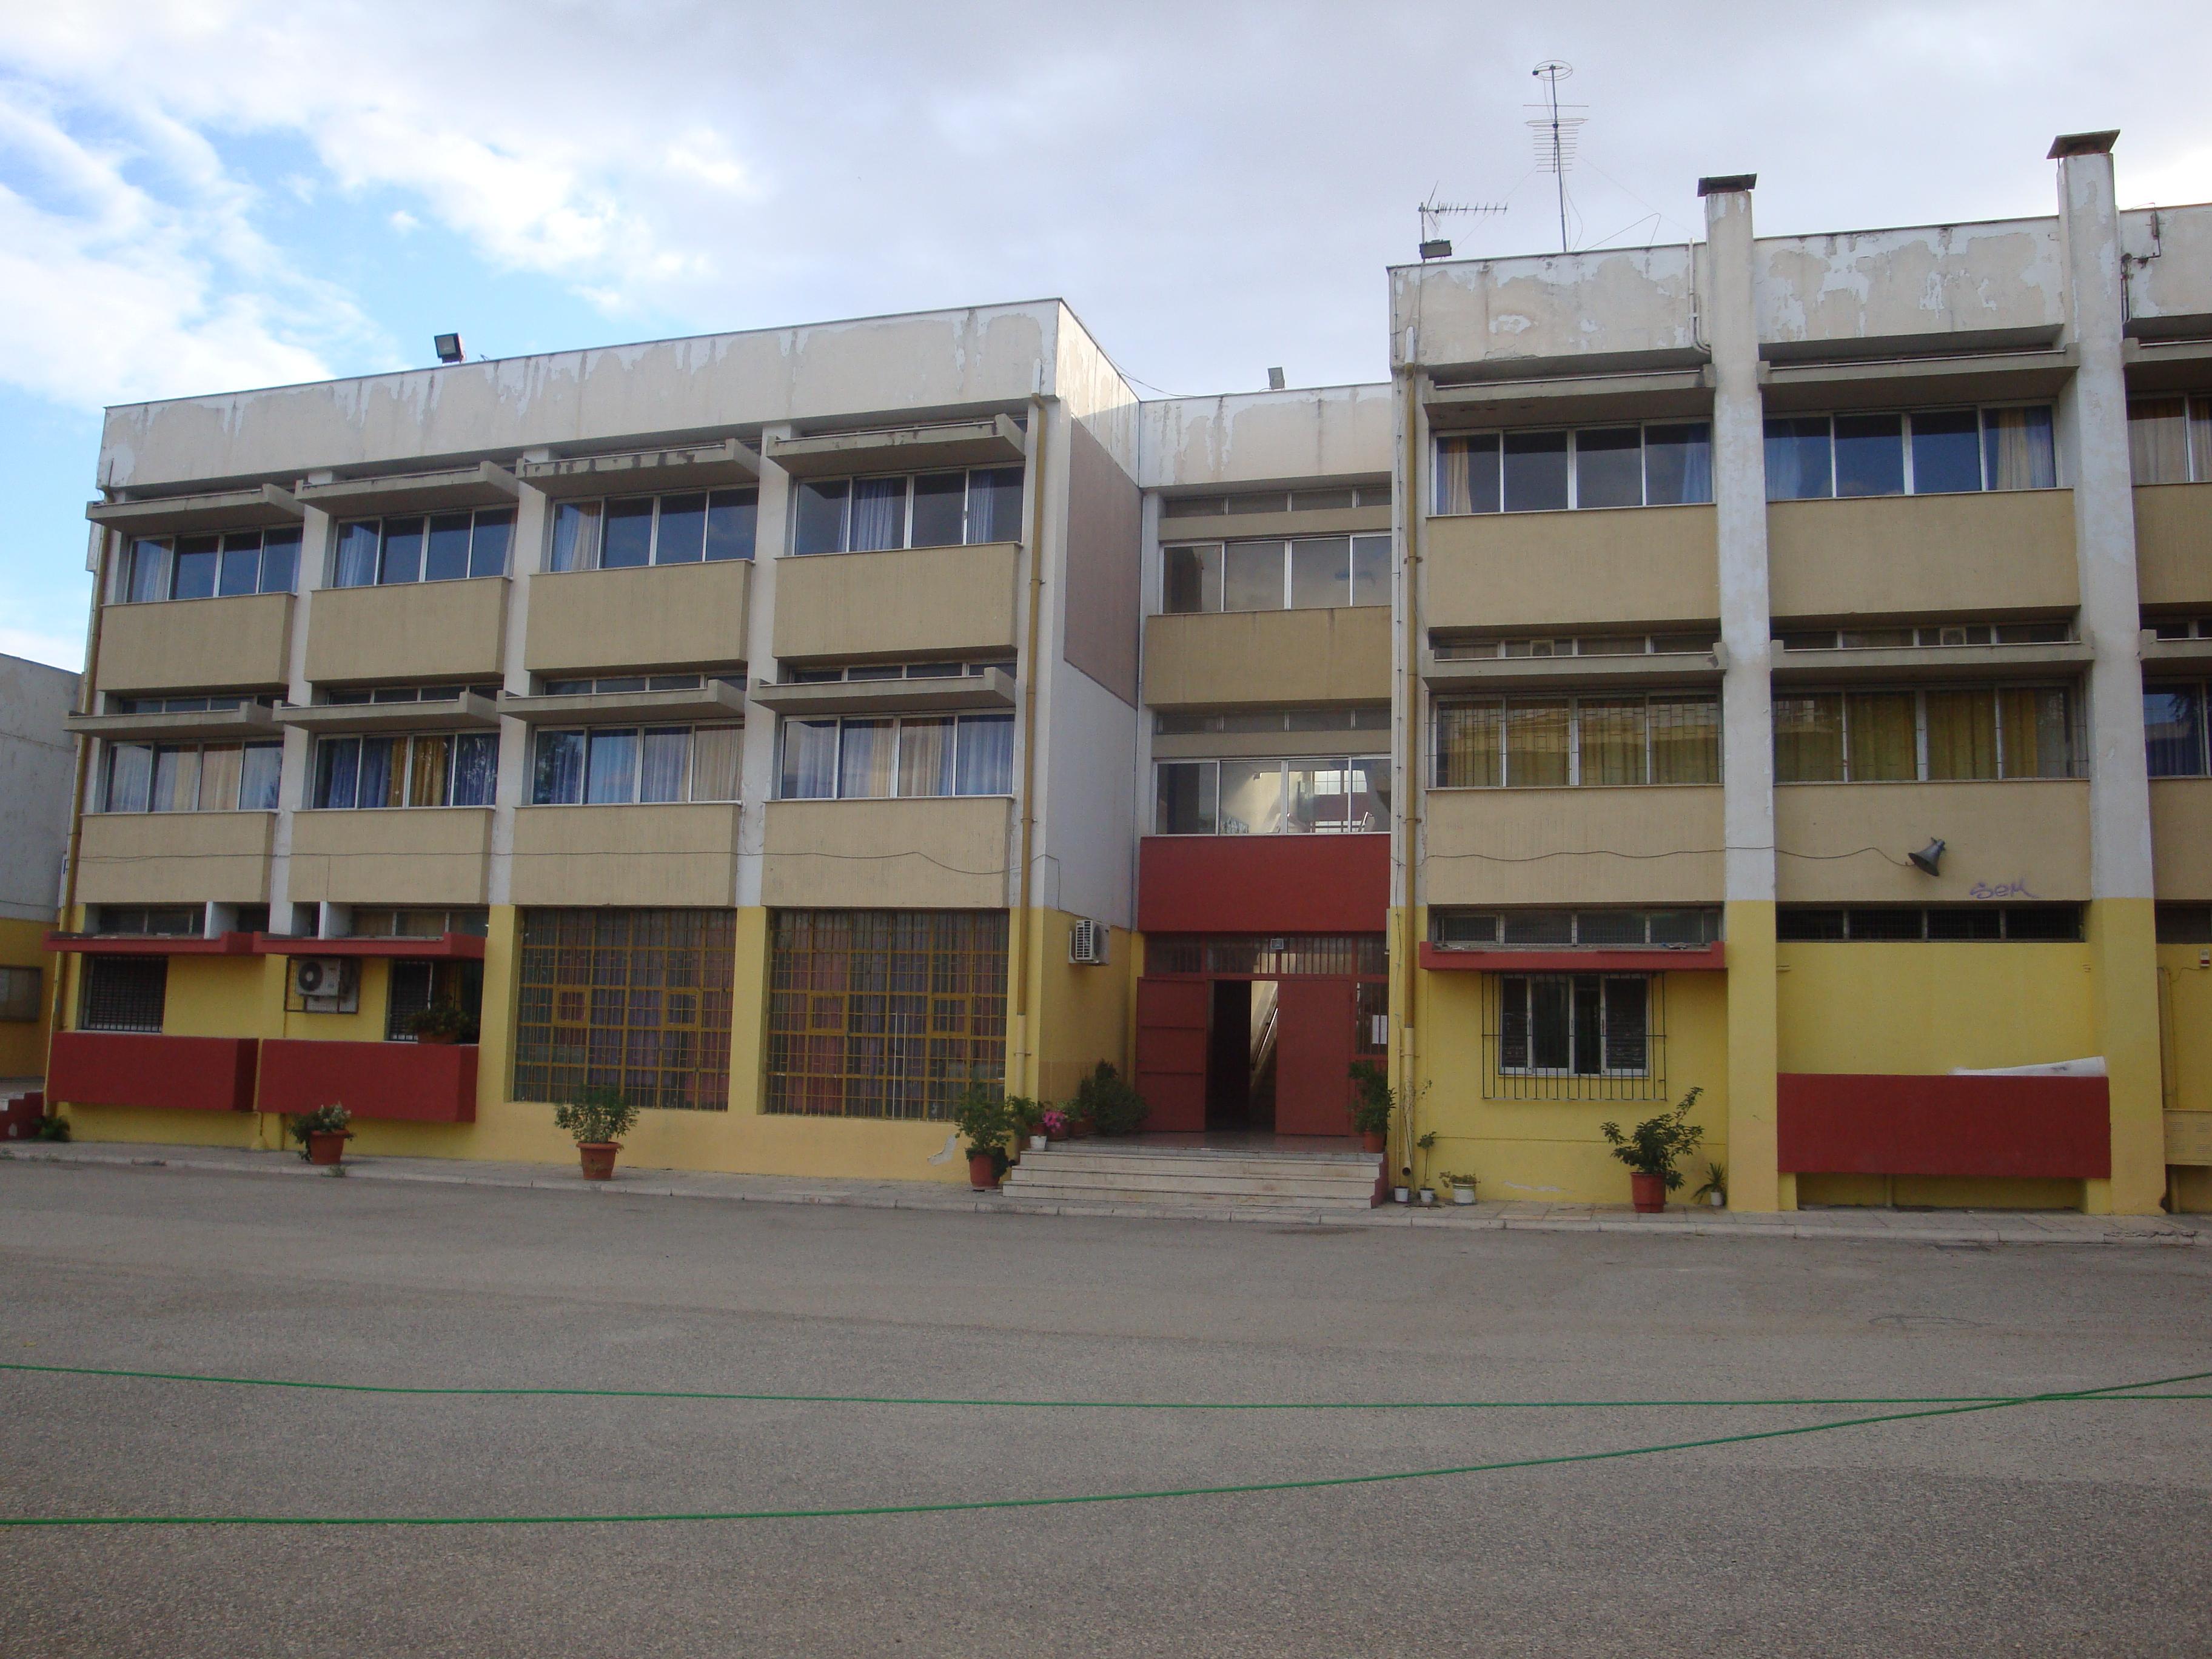 Οι συγχωνεύσεις σχολείων στο Δήμο Περιστερίου – PeristeriNews.gr